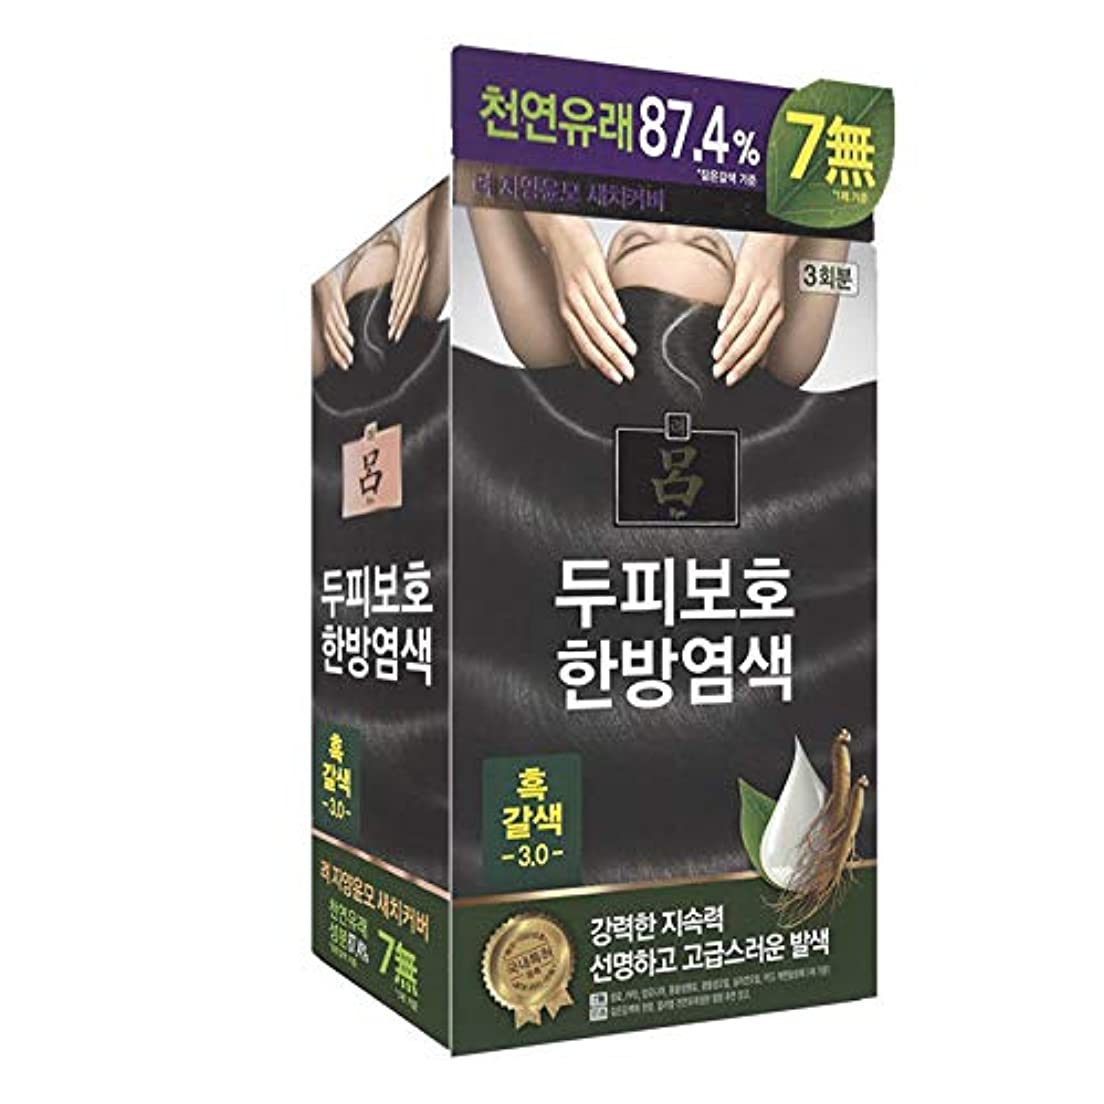 持続的ブリッジシティアモーレパシフィック呂[AMOREPACIFIC/Ryo] Jayang Yunmoグレーヘアカバー 3.0 黒褐色(Blackish Brown)